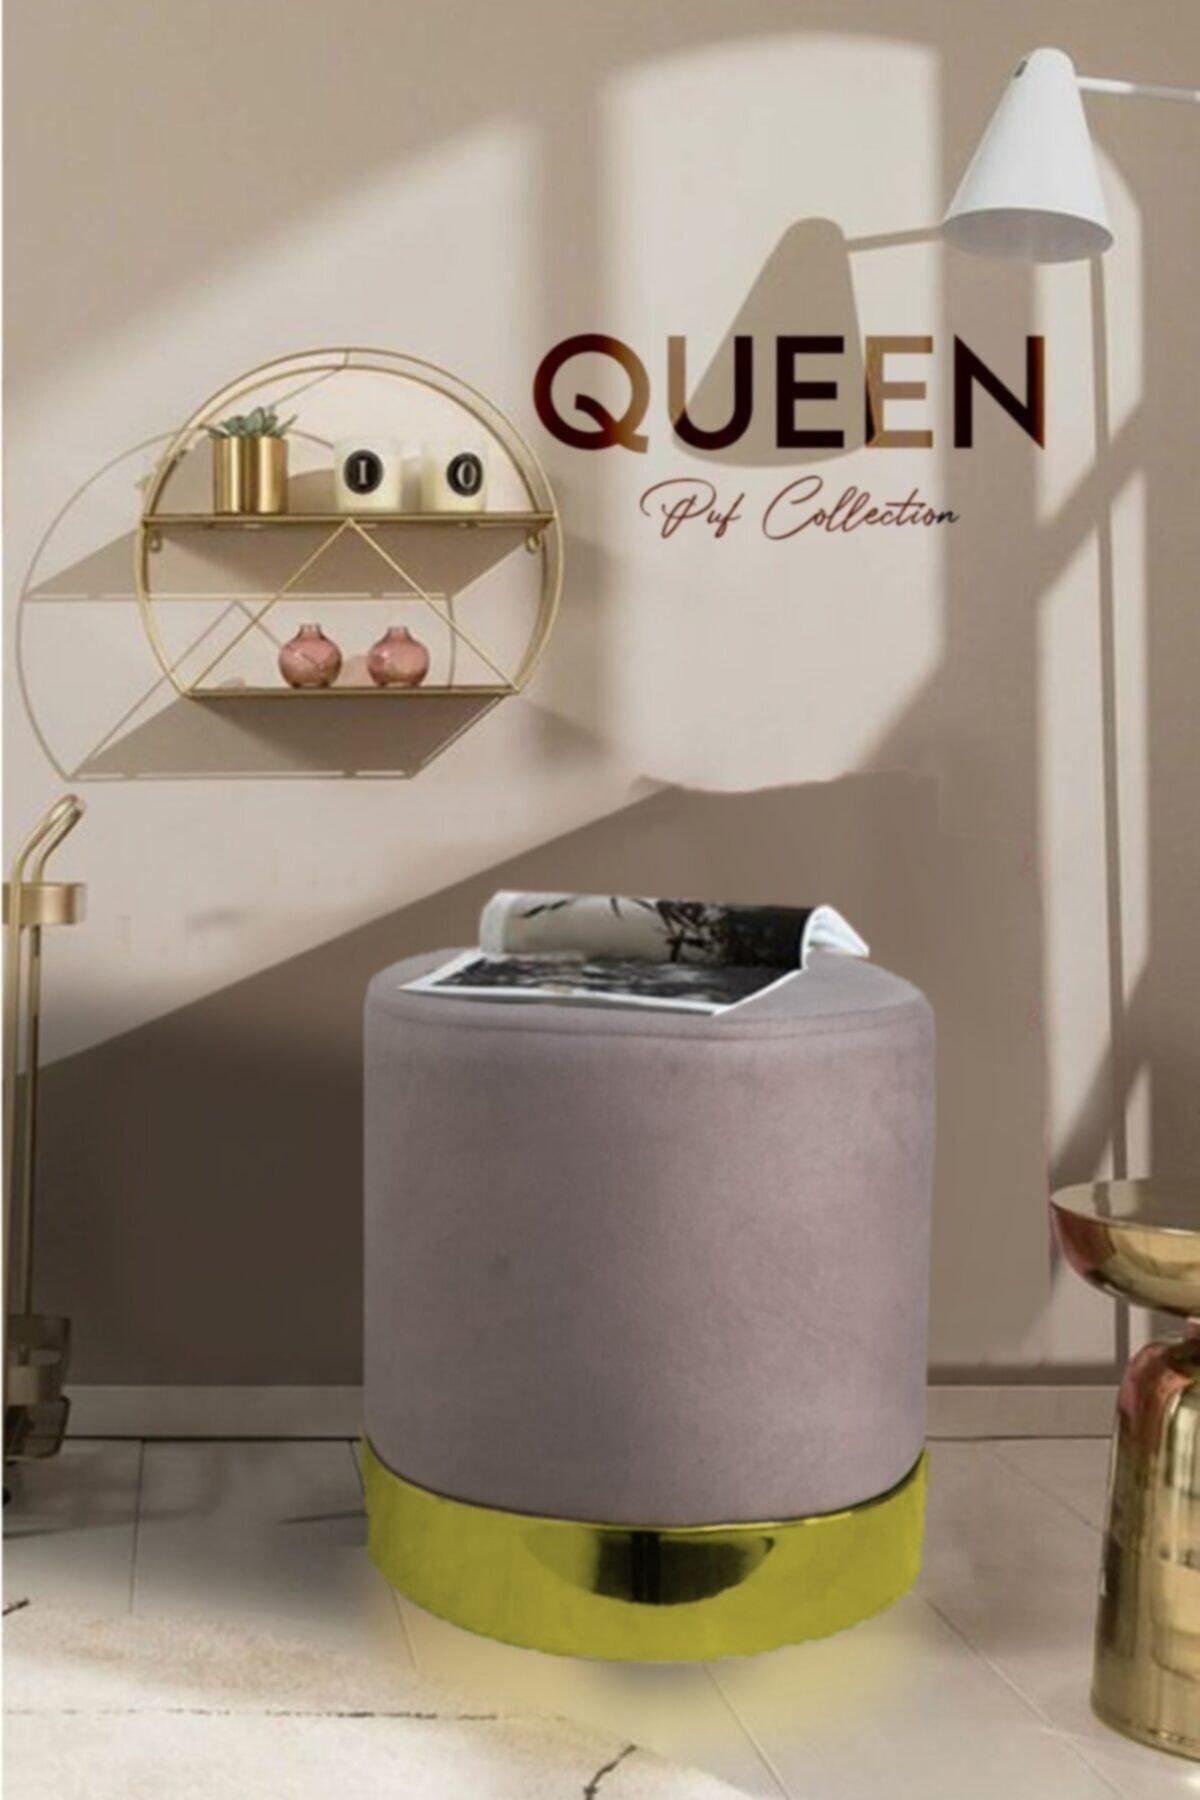 Zem Queen Plato - Gold Puf 1